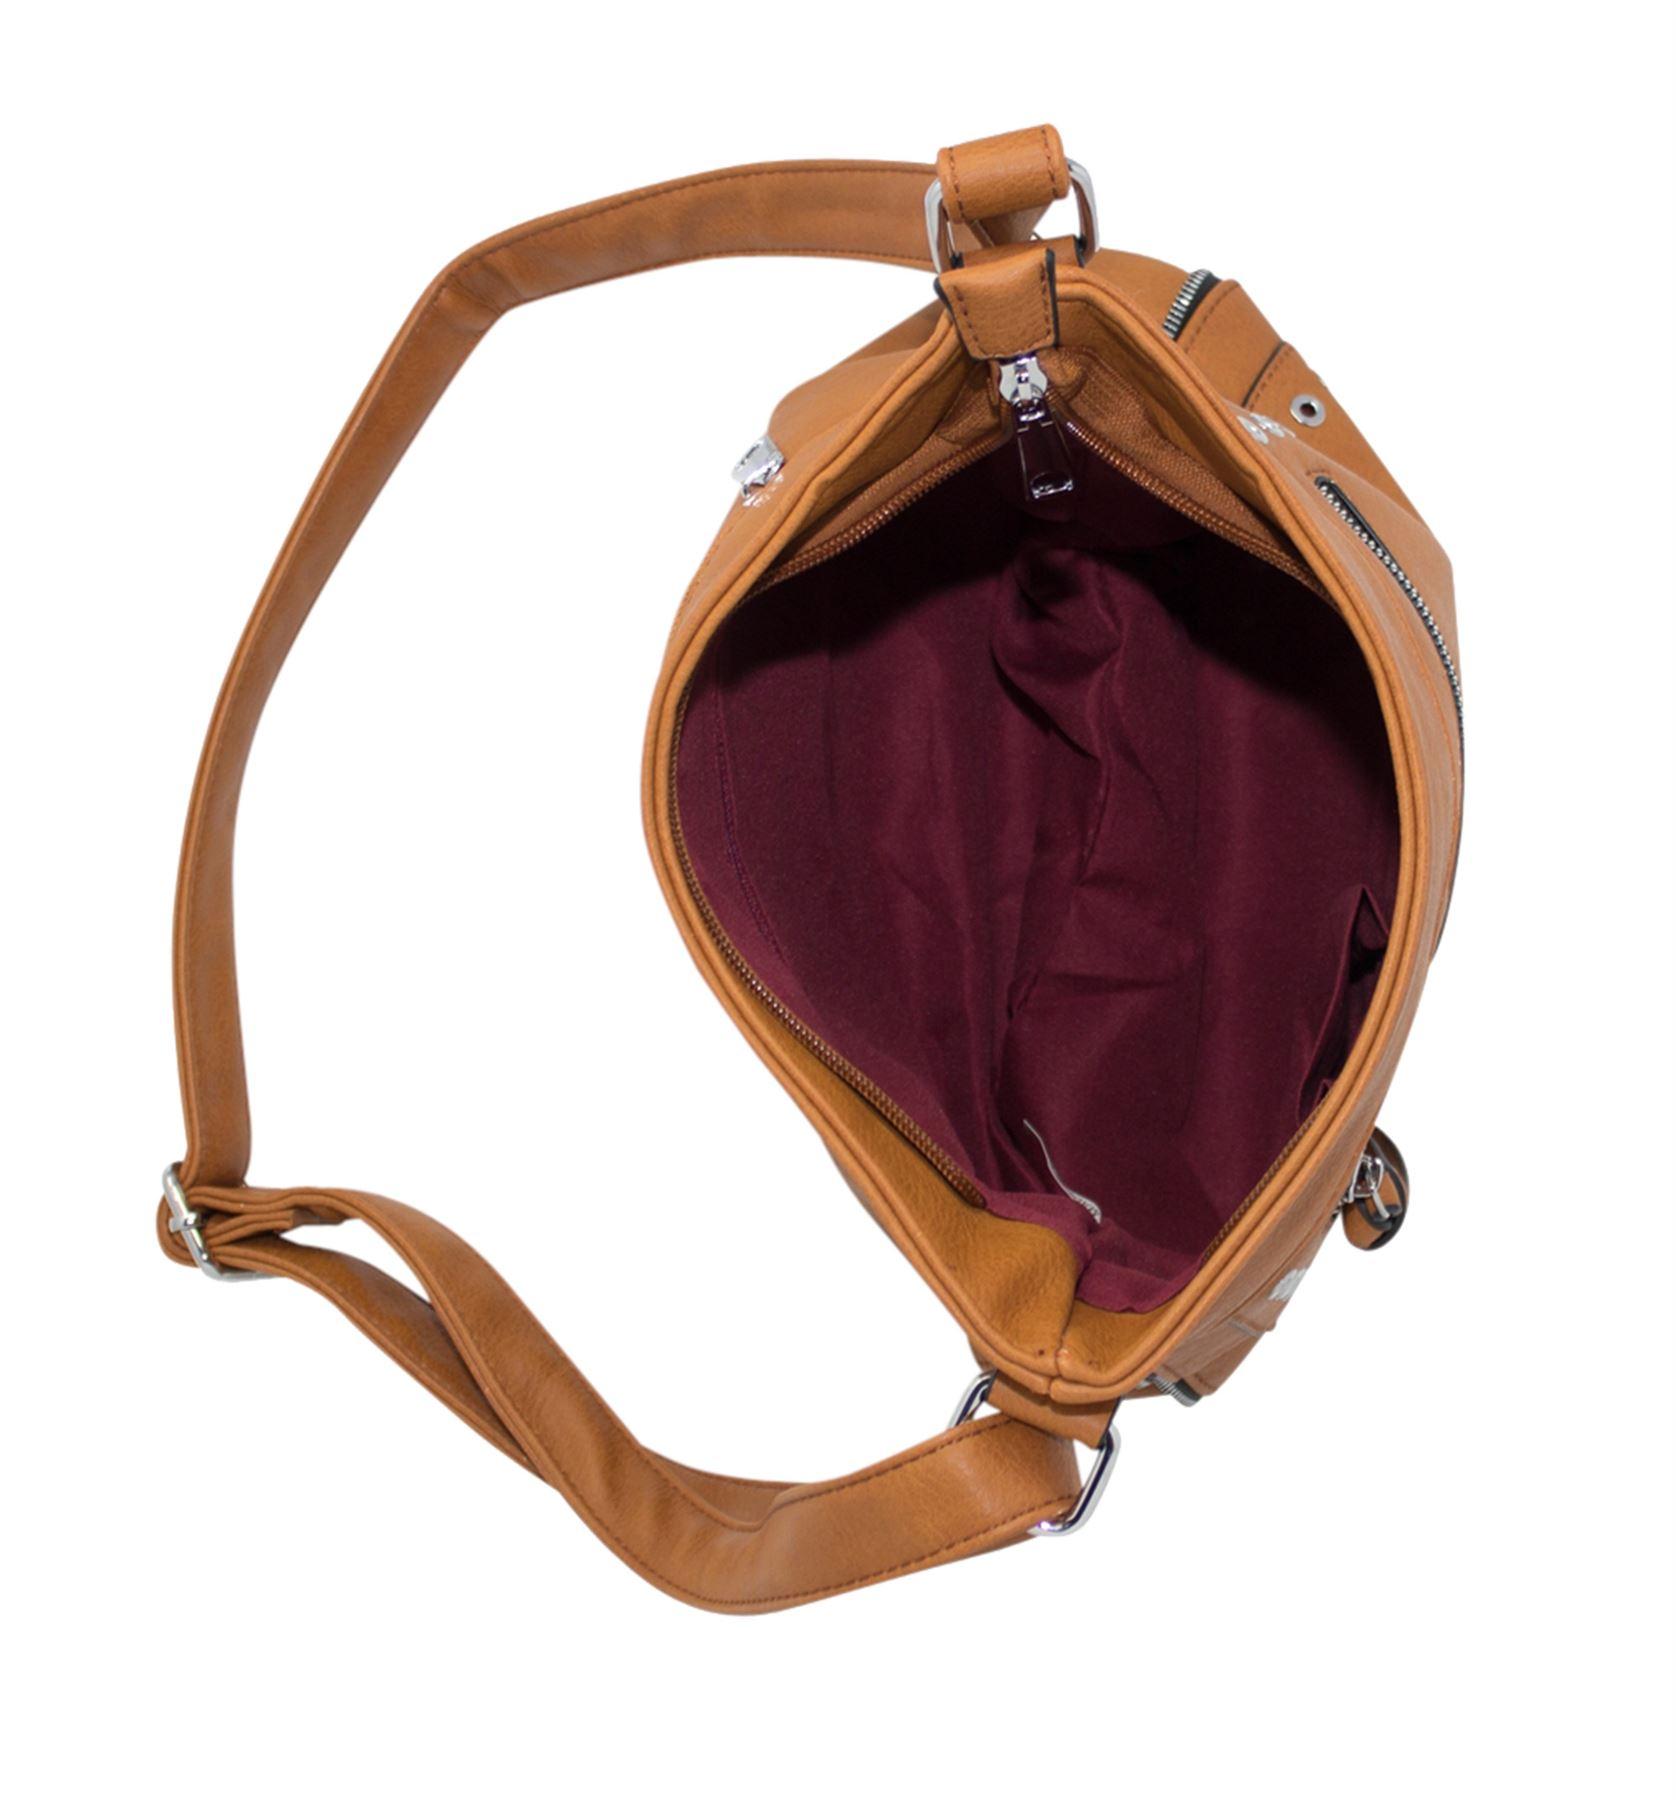 Nuevas damas de imitación de cuero correa ajustable de diseño con cremallera casual bolso de hombro